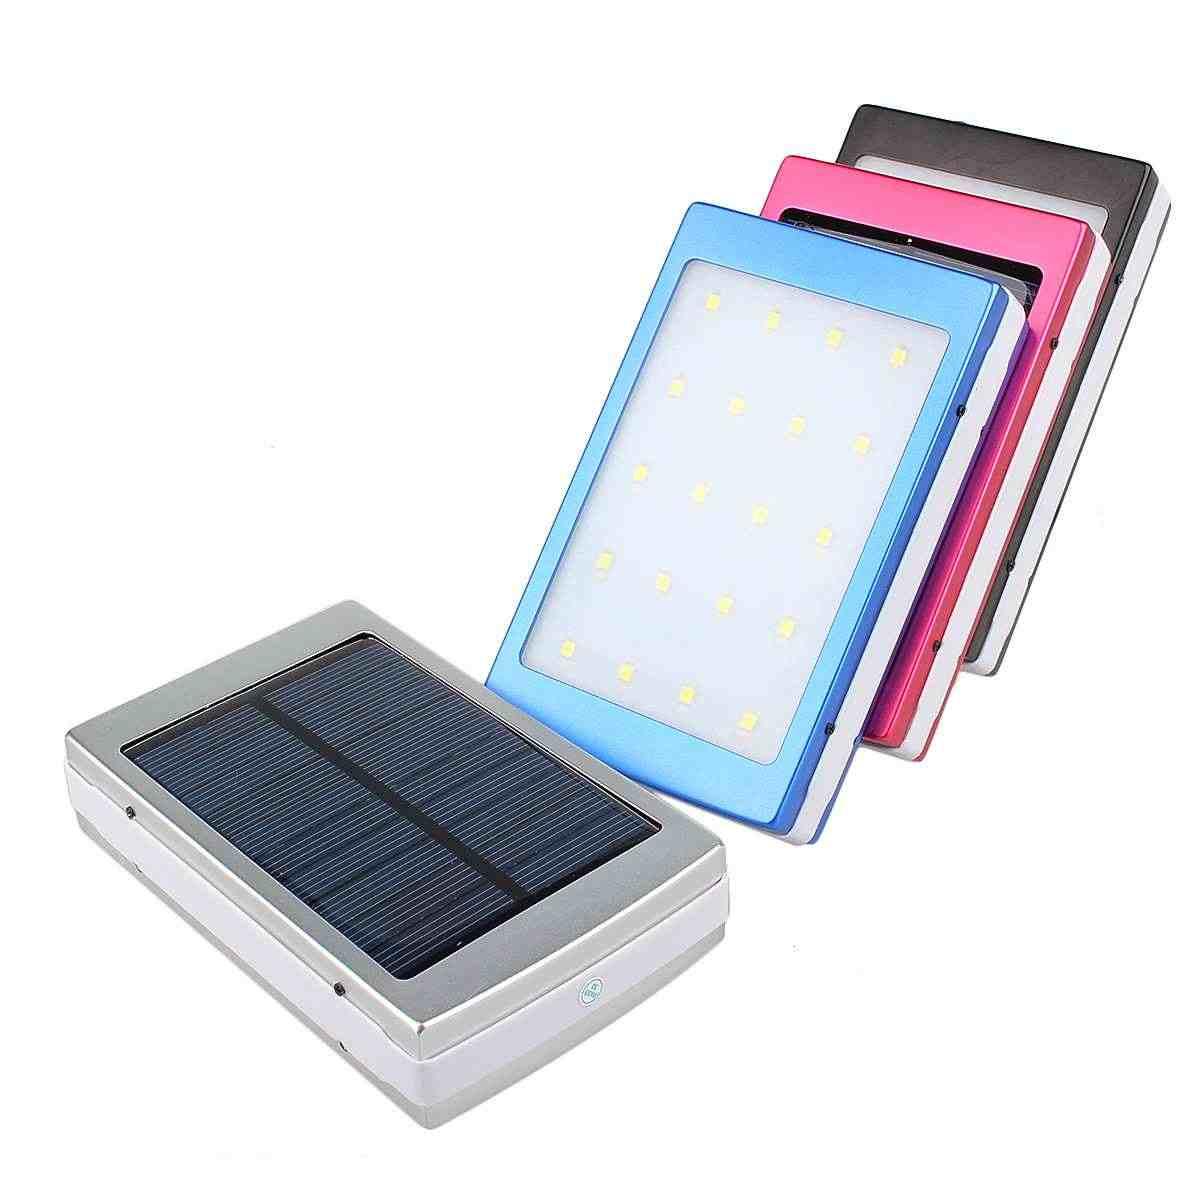 50000mAh لوحة طاقة شمسية LED جهاز باور بانك خفيف الخارجية مزدوجة USB شحن البطارية مع مهايئ شاحن بروتابلي في الهواء الطلق